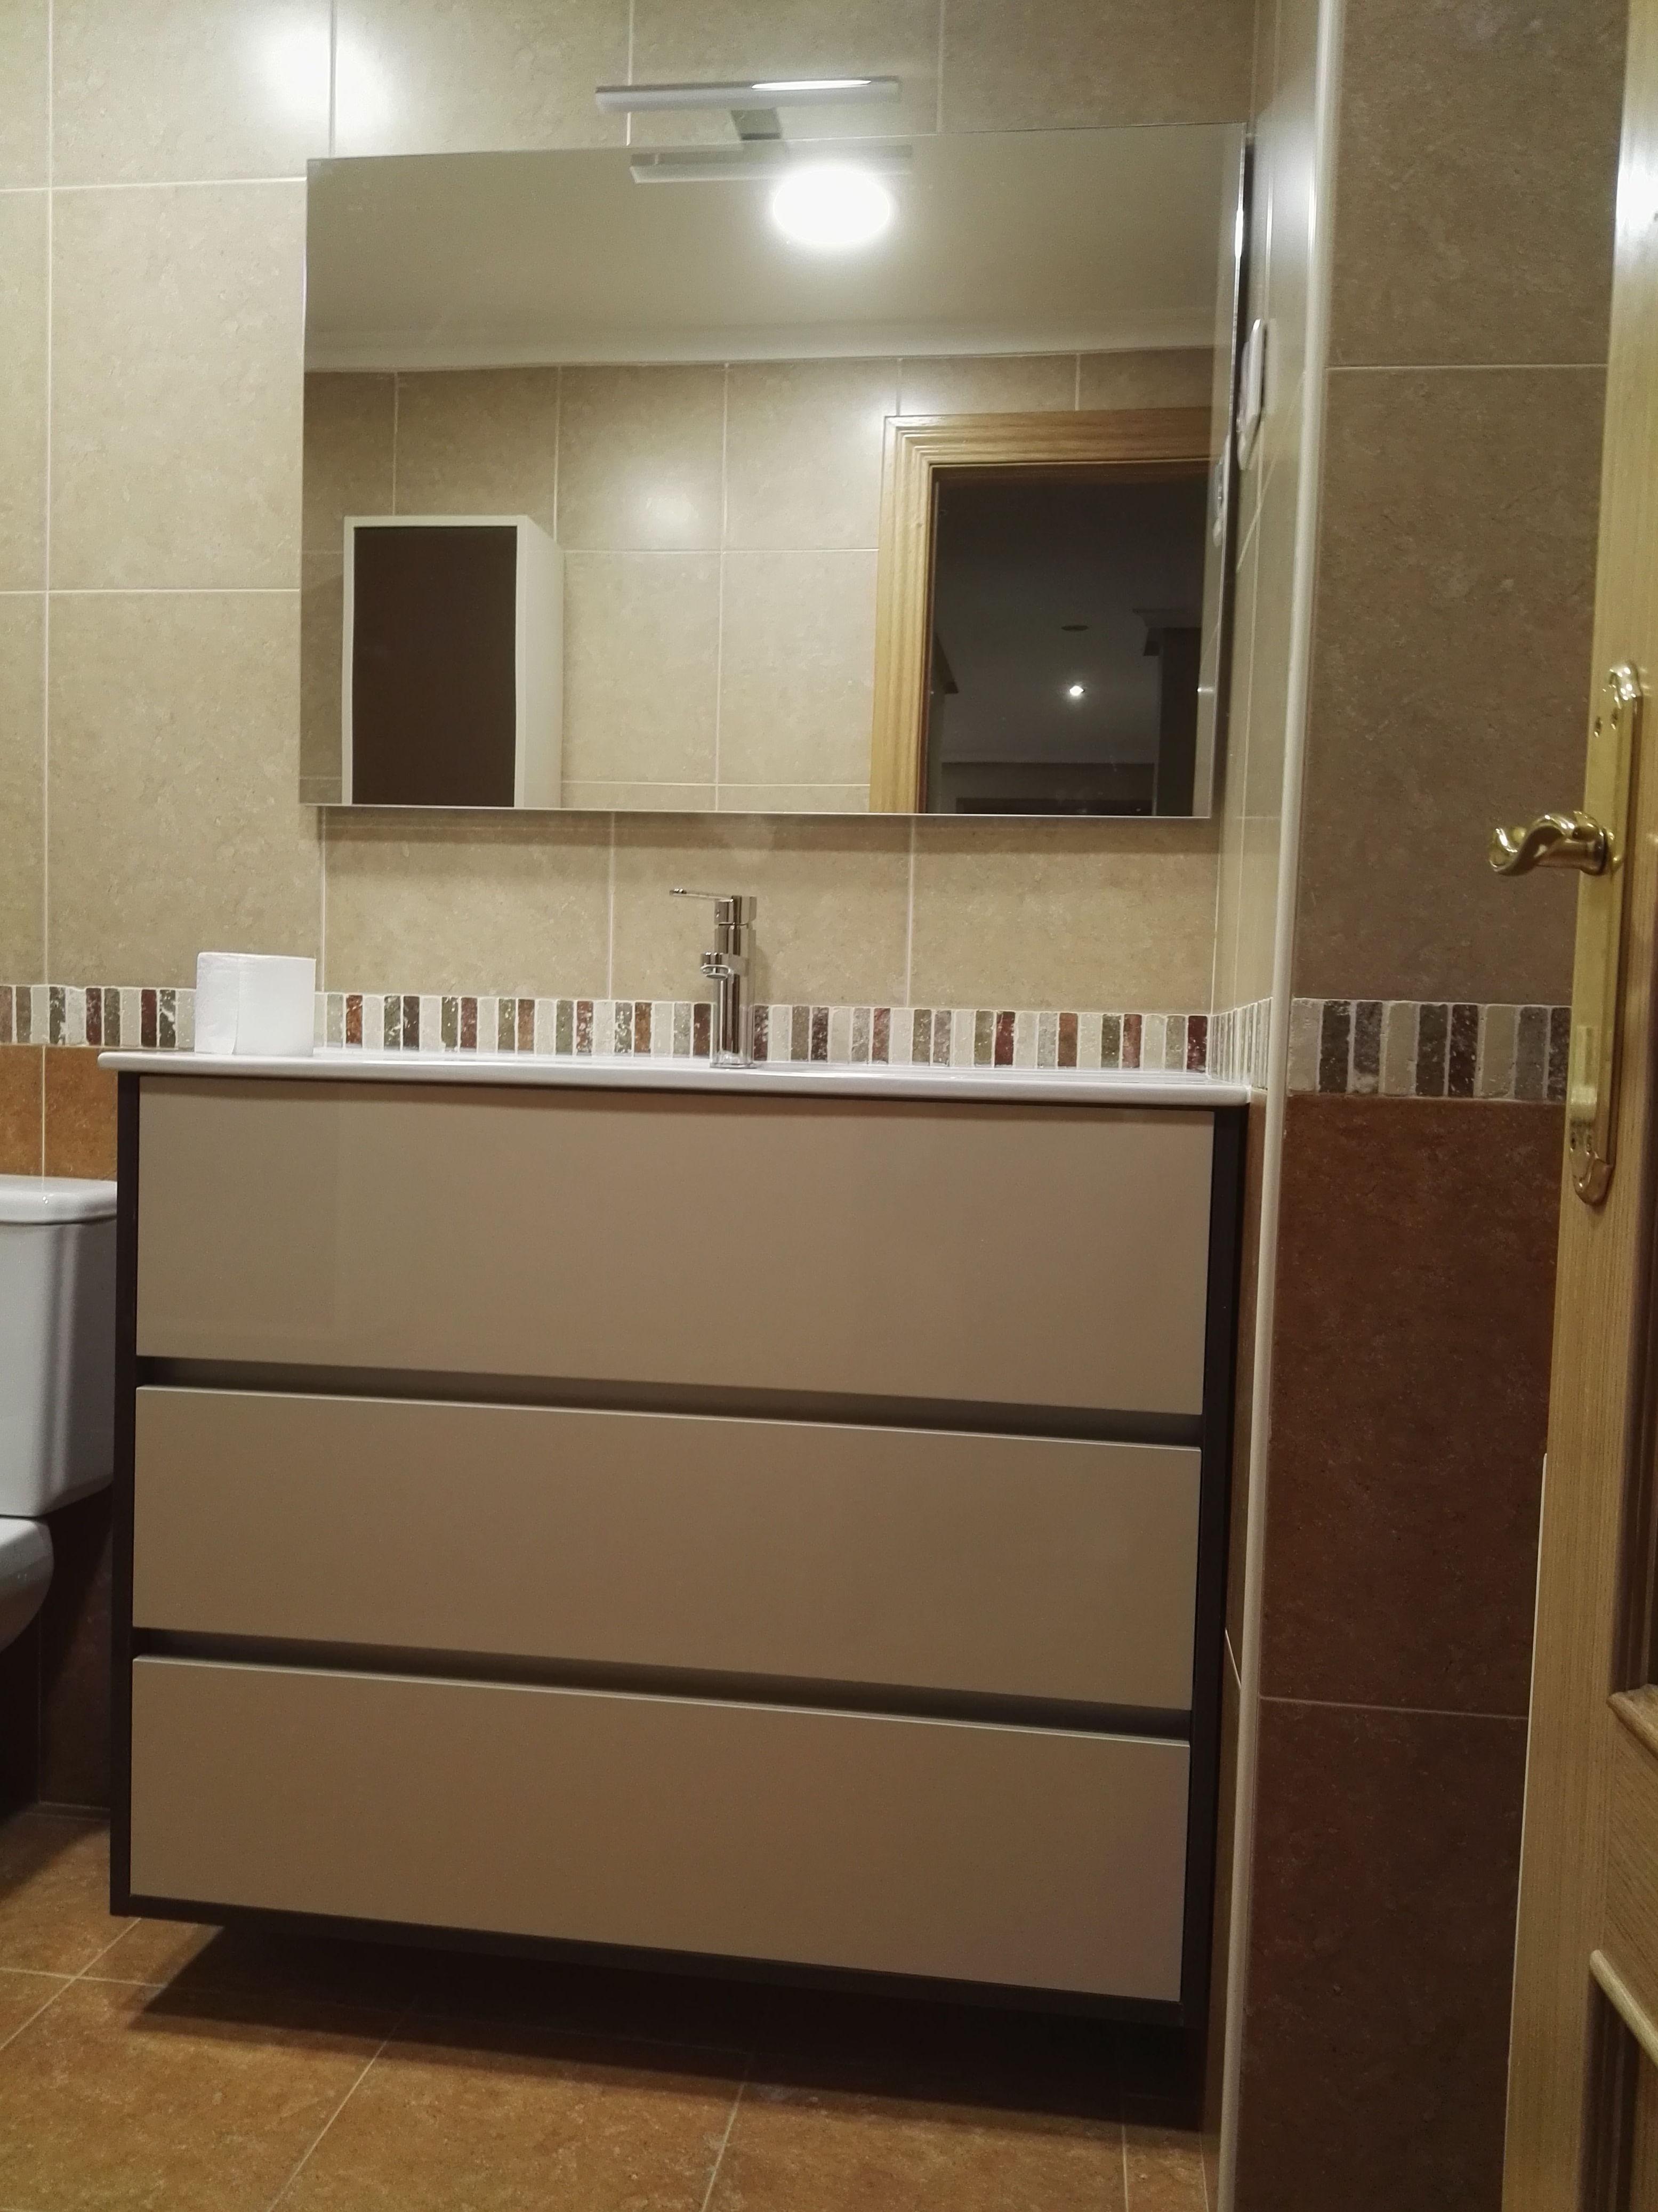 Foto 58 de Reformas en baños y cocinas en Trobajo del Camino | F. Alba, cocinas y baños